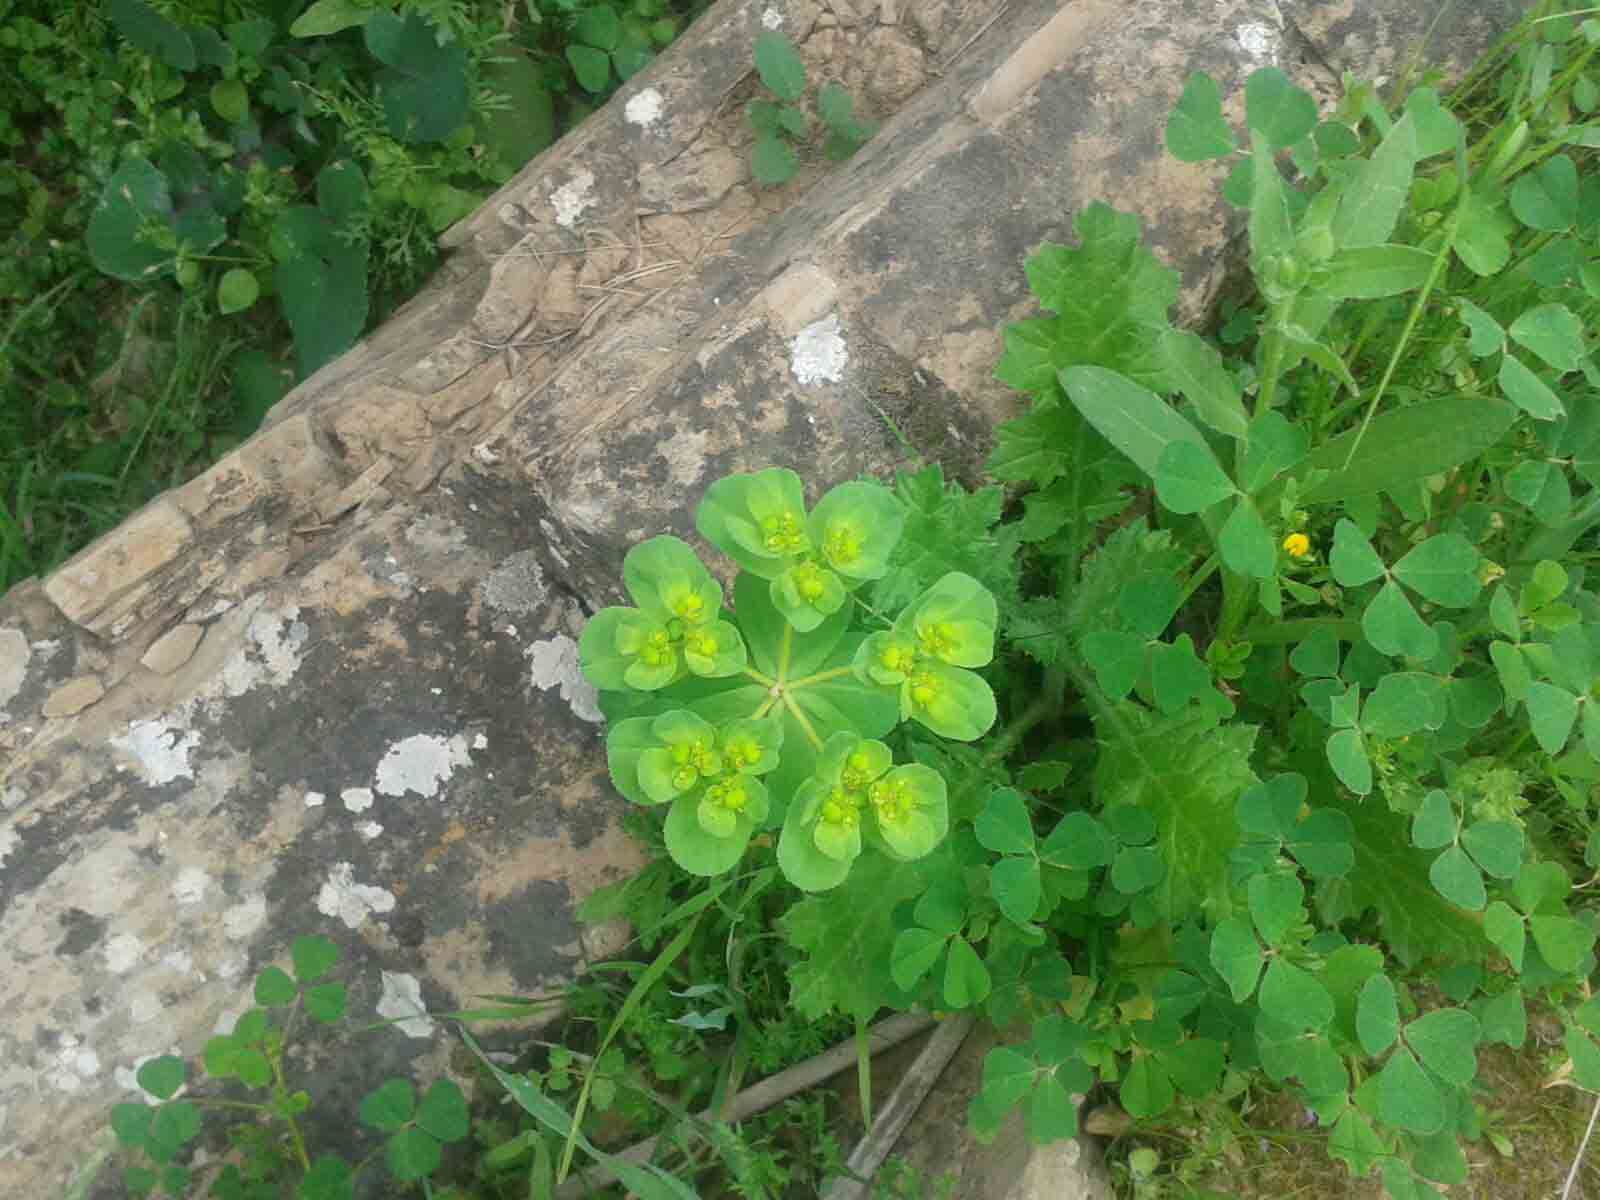 طبیعت زیبای منطقه رمه چر ایذه + تصاویر